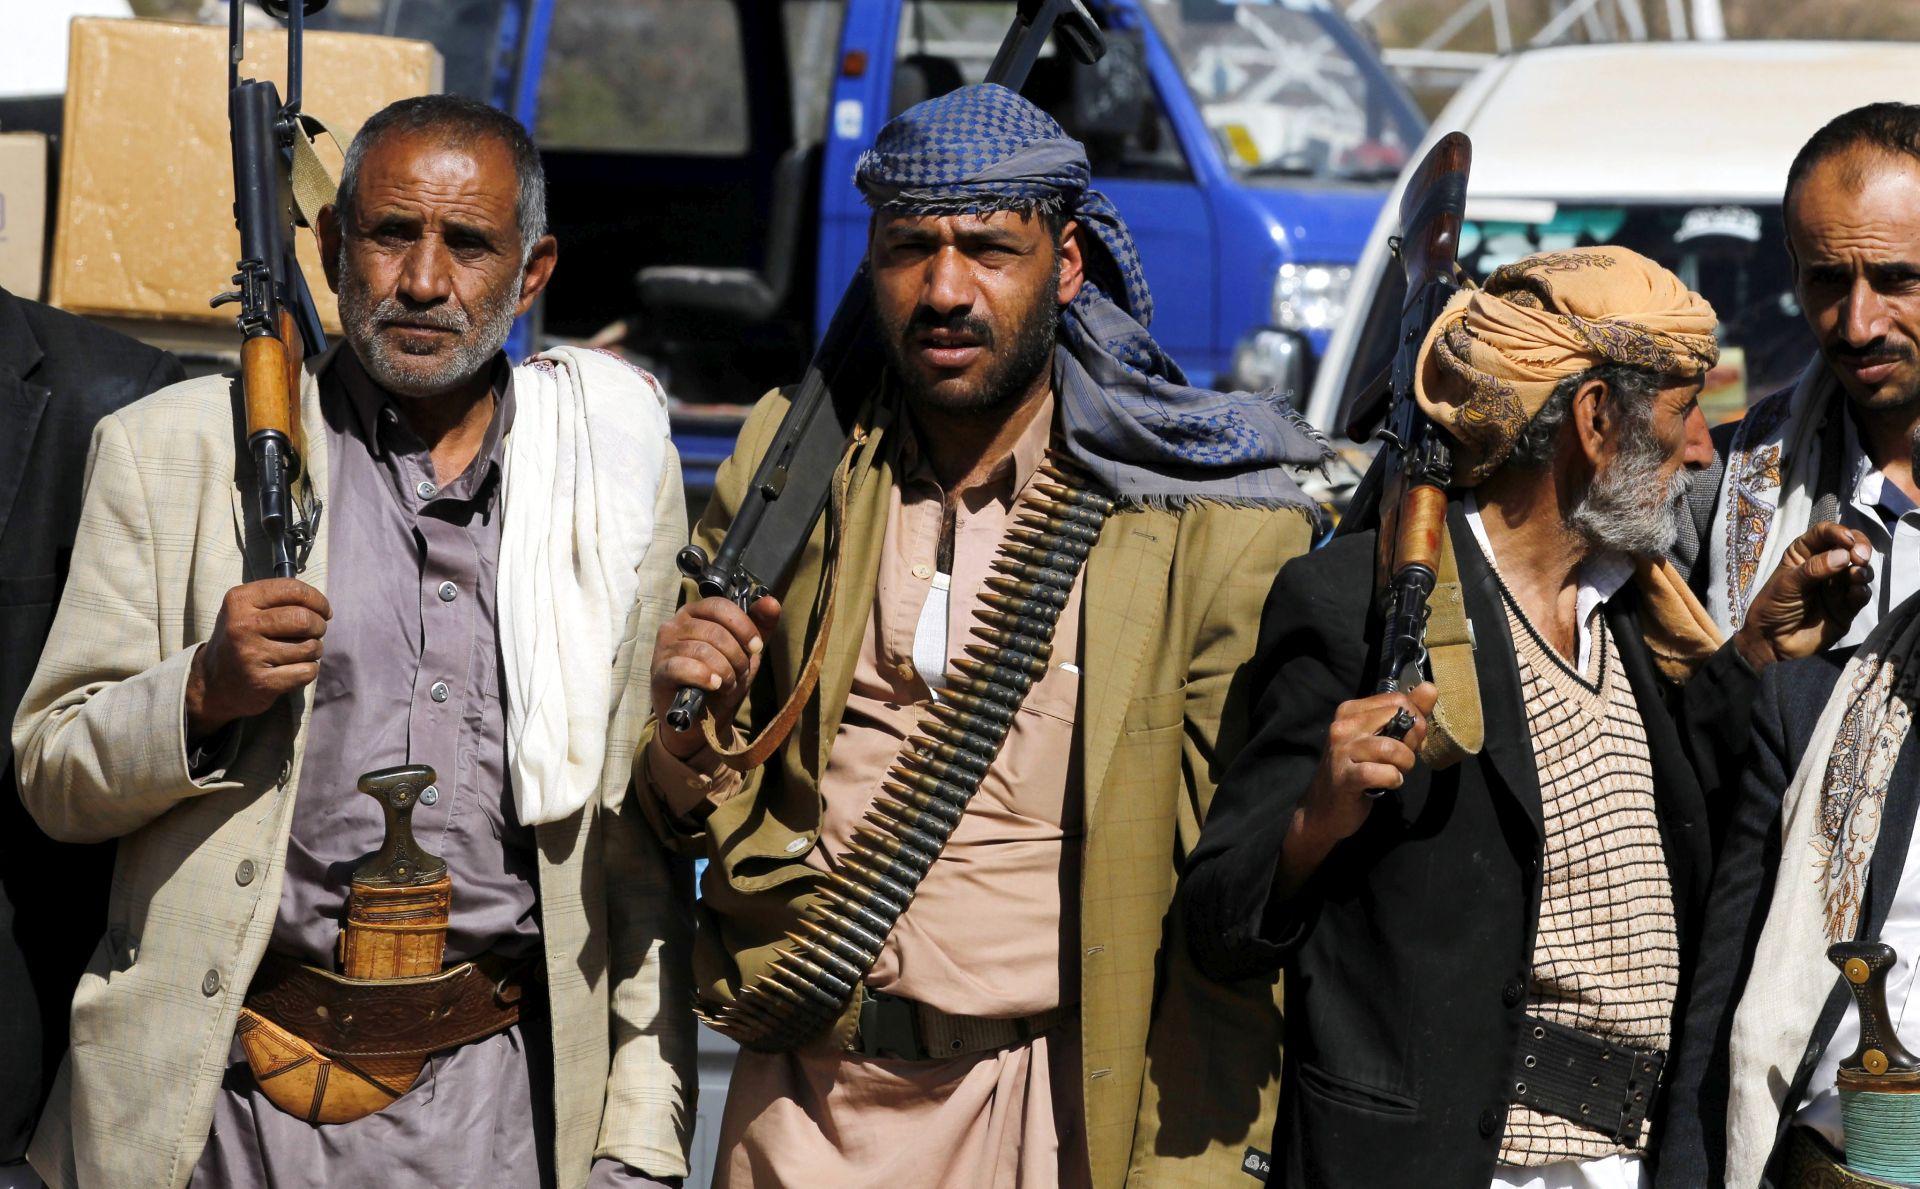 Trump bi se mogao jako zaplesti u jemenskom ratu